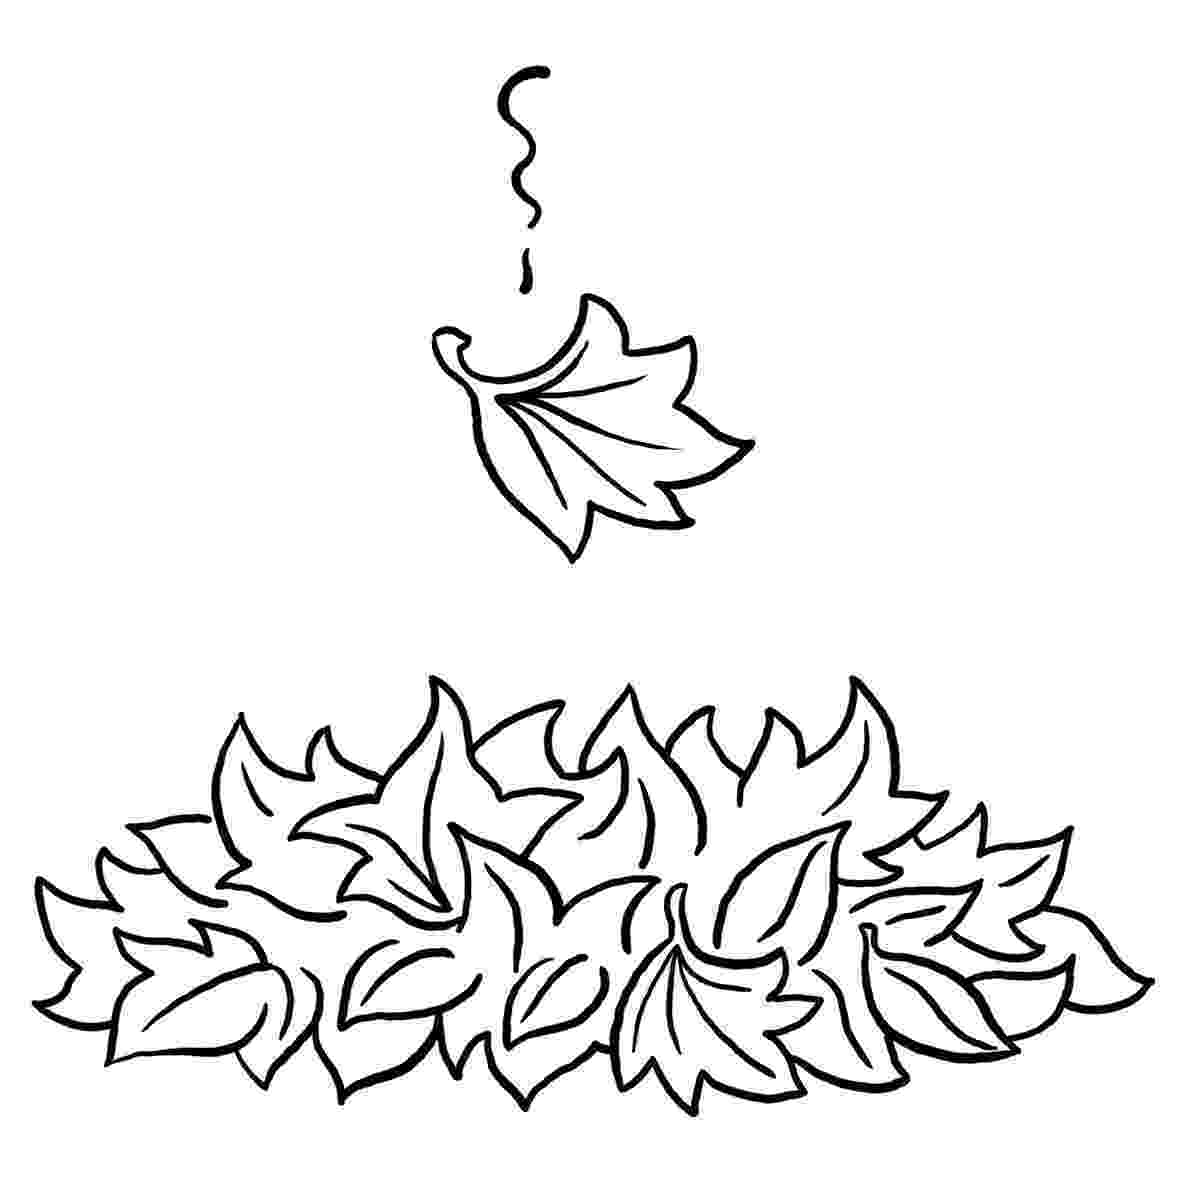 leaves coloring page free printable leaf coloring pages for kids page leaves coloring